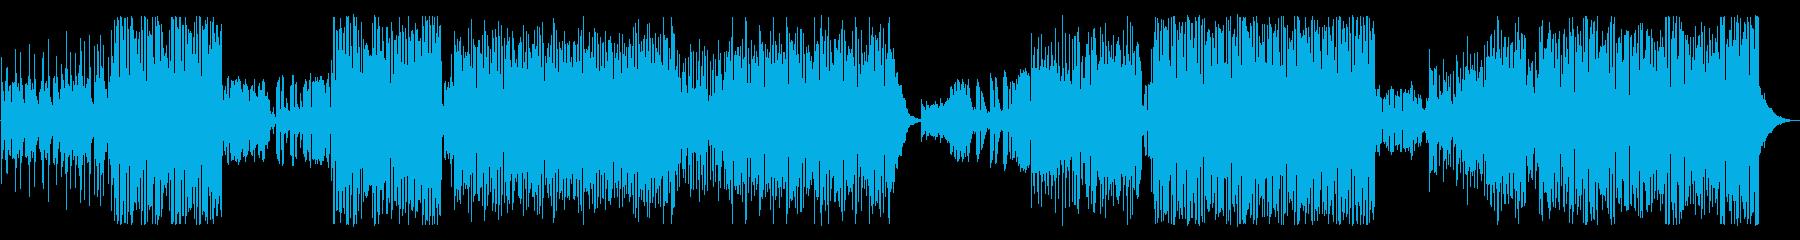 トロピカルハウスをイメージしたEDMの再生済みの波形